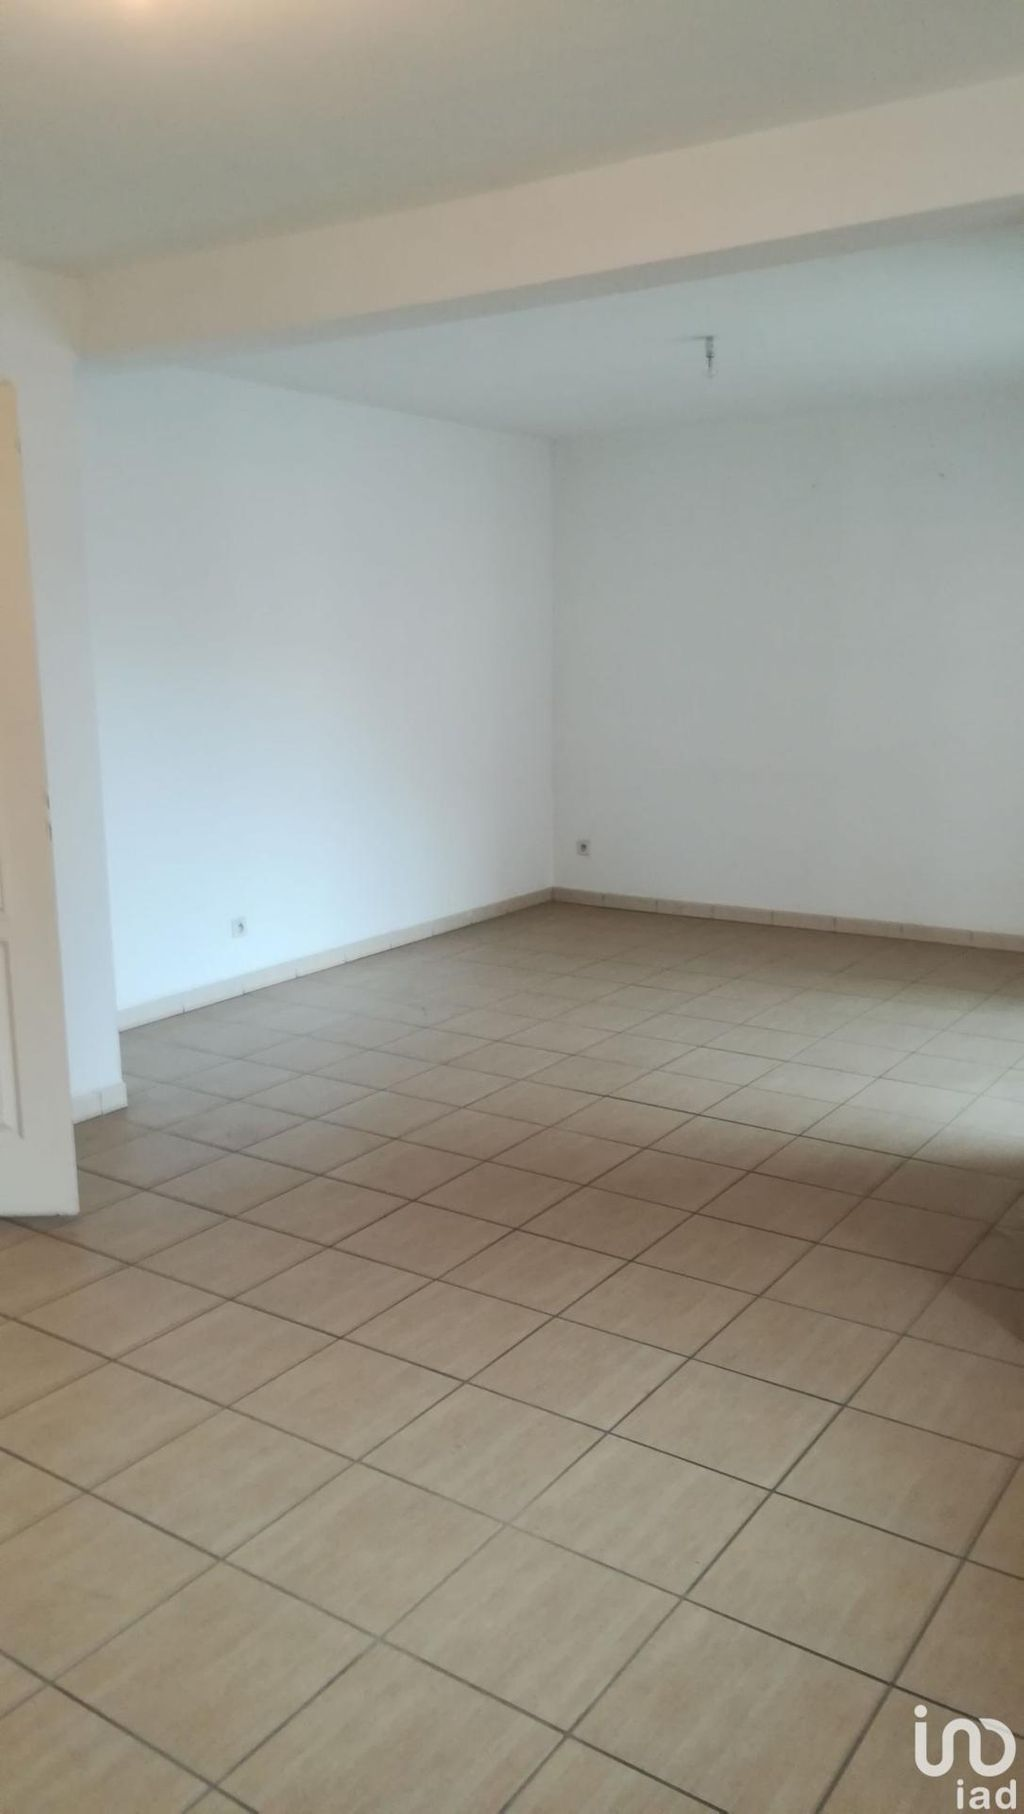 Achat appartement 3 pièce(s) Saint-Pourçain-sur-Sioule